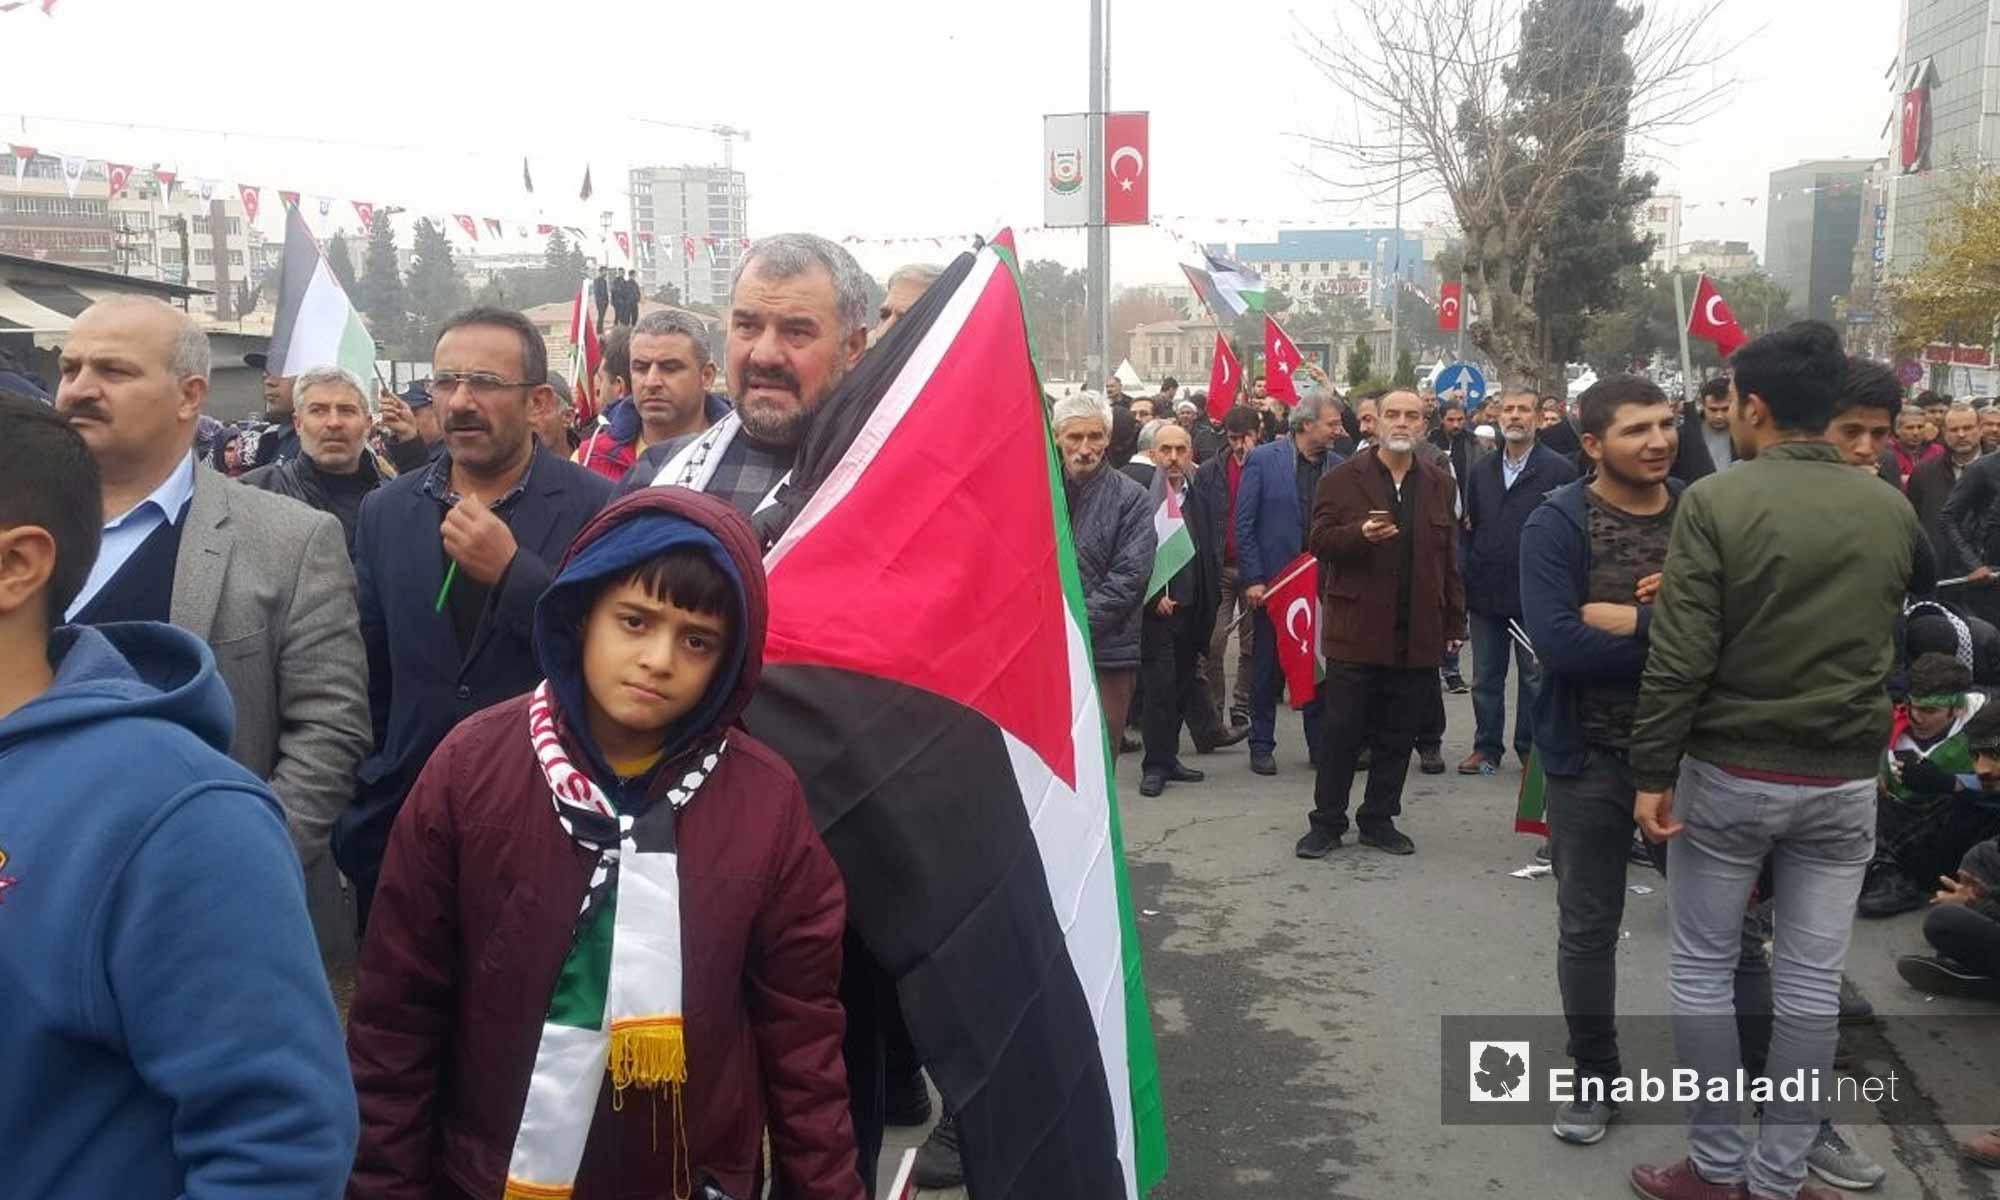 مظاهرة خرج بها أتراك وسوريون في أورفة التركية يرفضون قرار ترامب حول القدس - 24 كانون الأول 2017 (عنب بلدي)